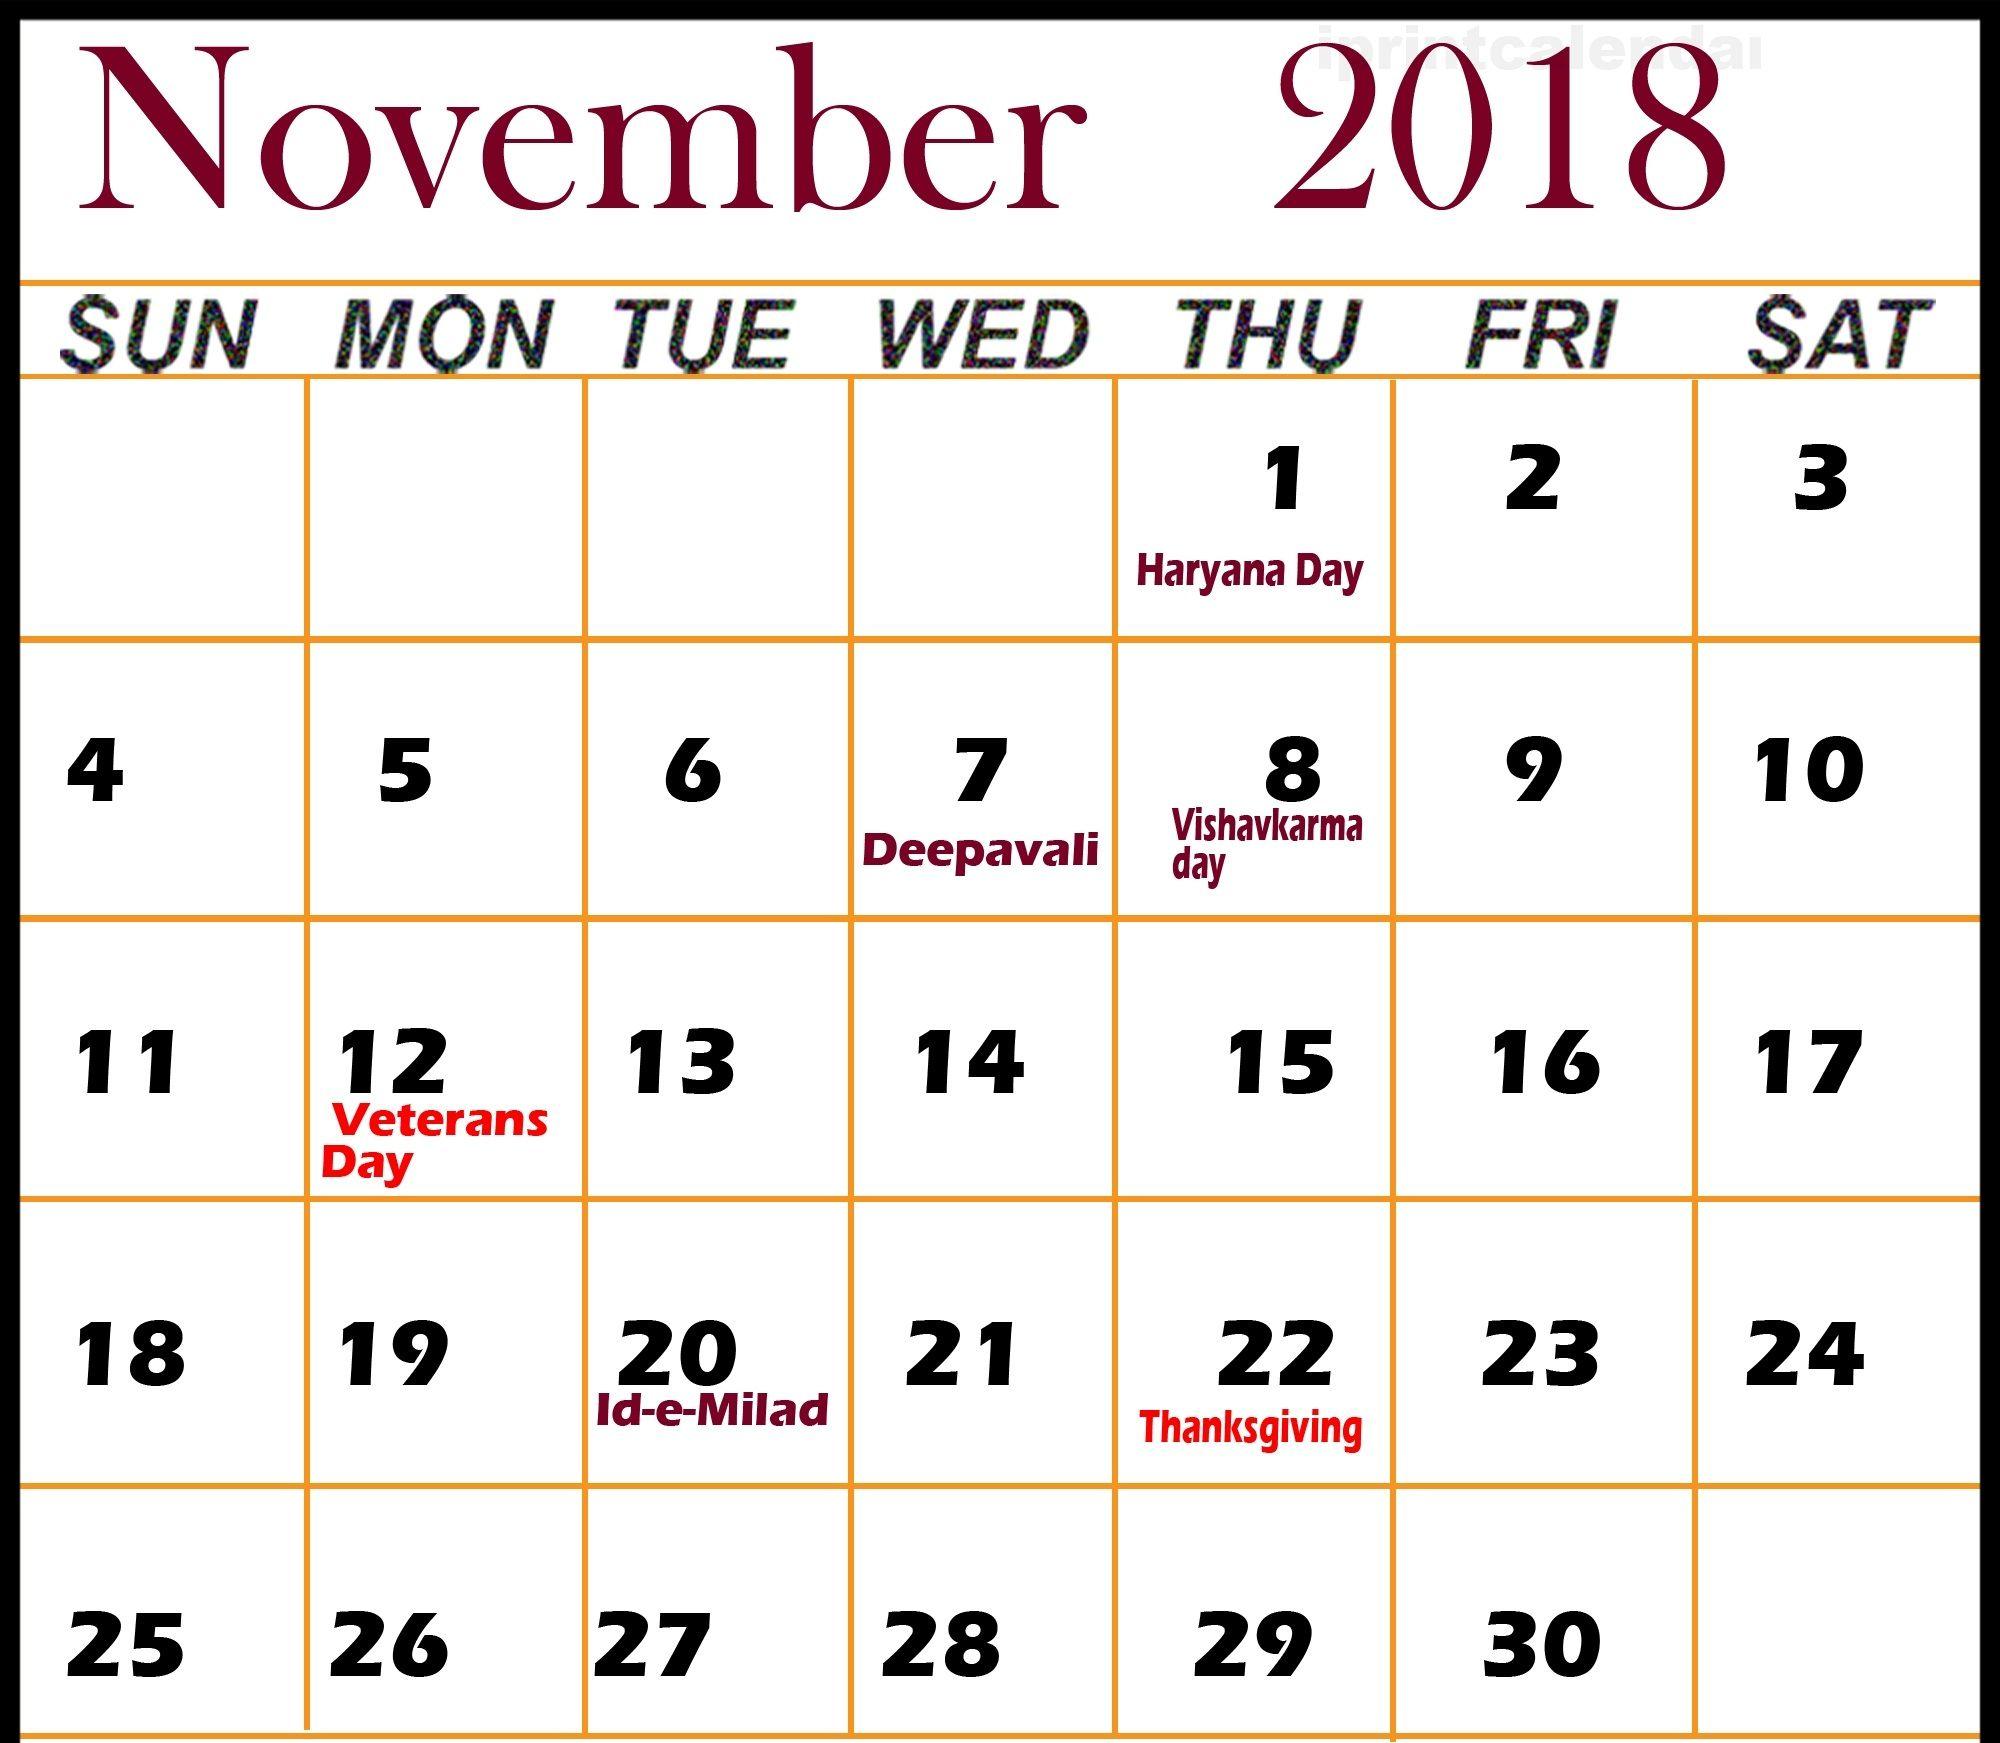 November 2018 Calendar With Holidays November Calendar Event Calendar Calendar Usa